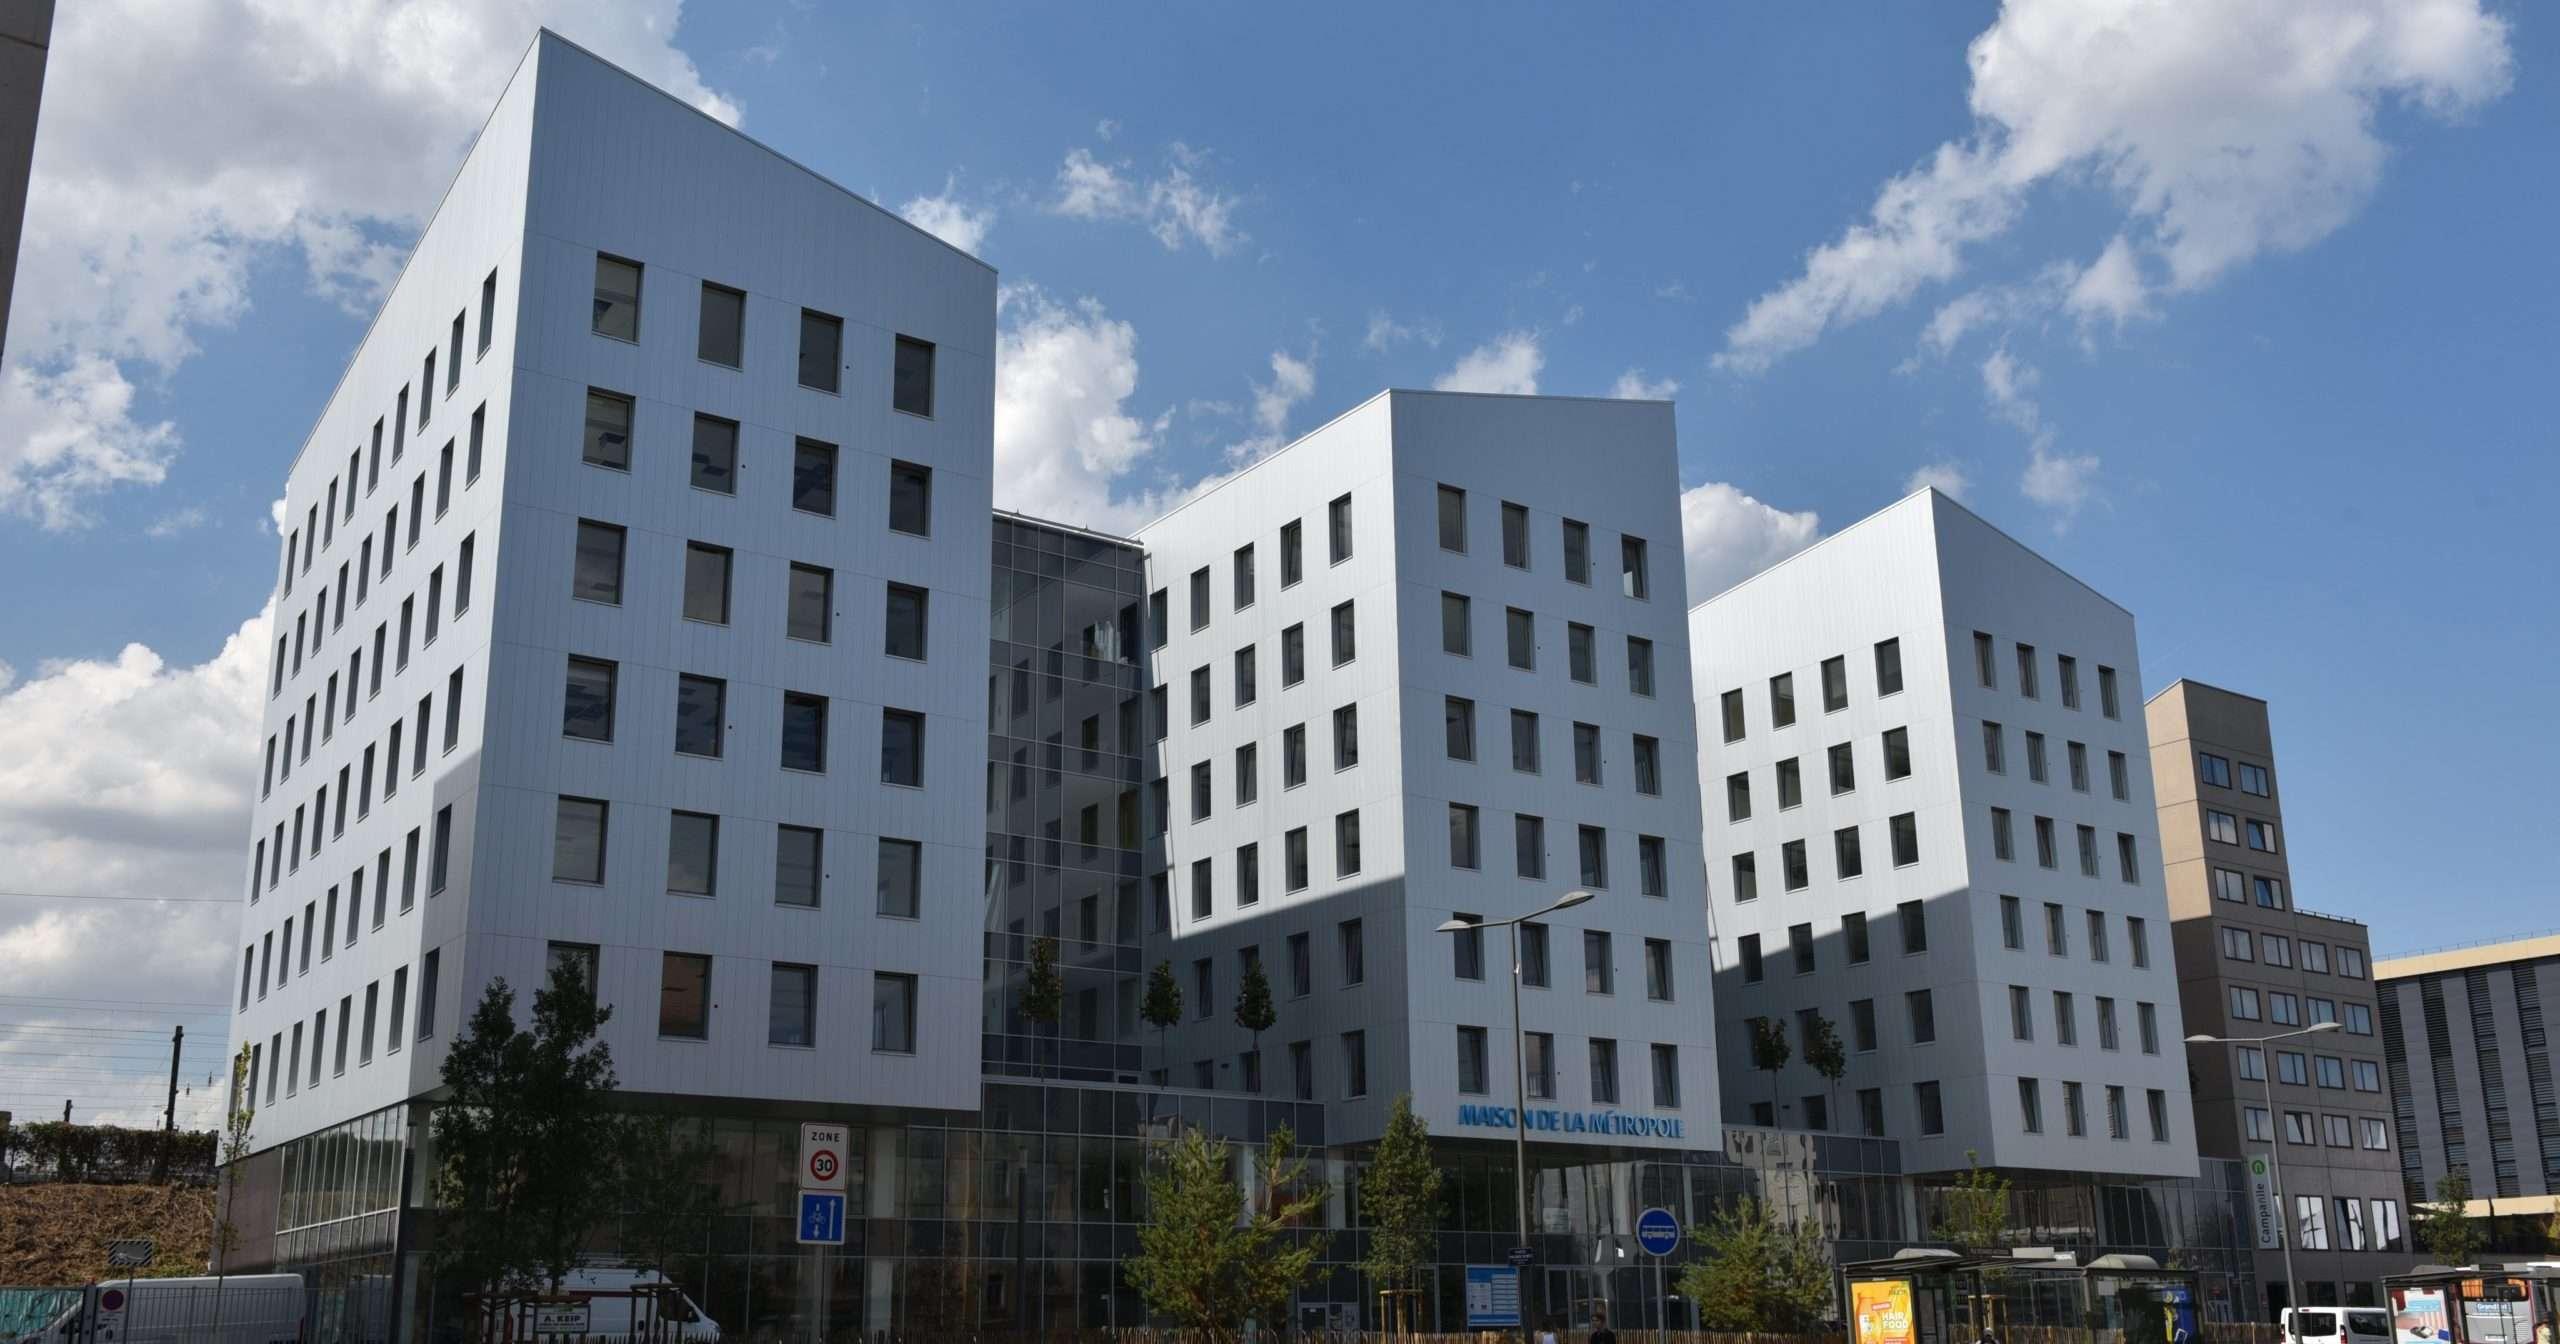 projet de modification n°1 du Plan Local d'Urbanisme (PLU) de la commune de NOUILLY